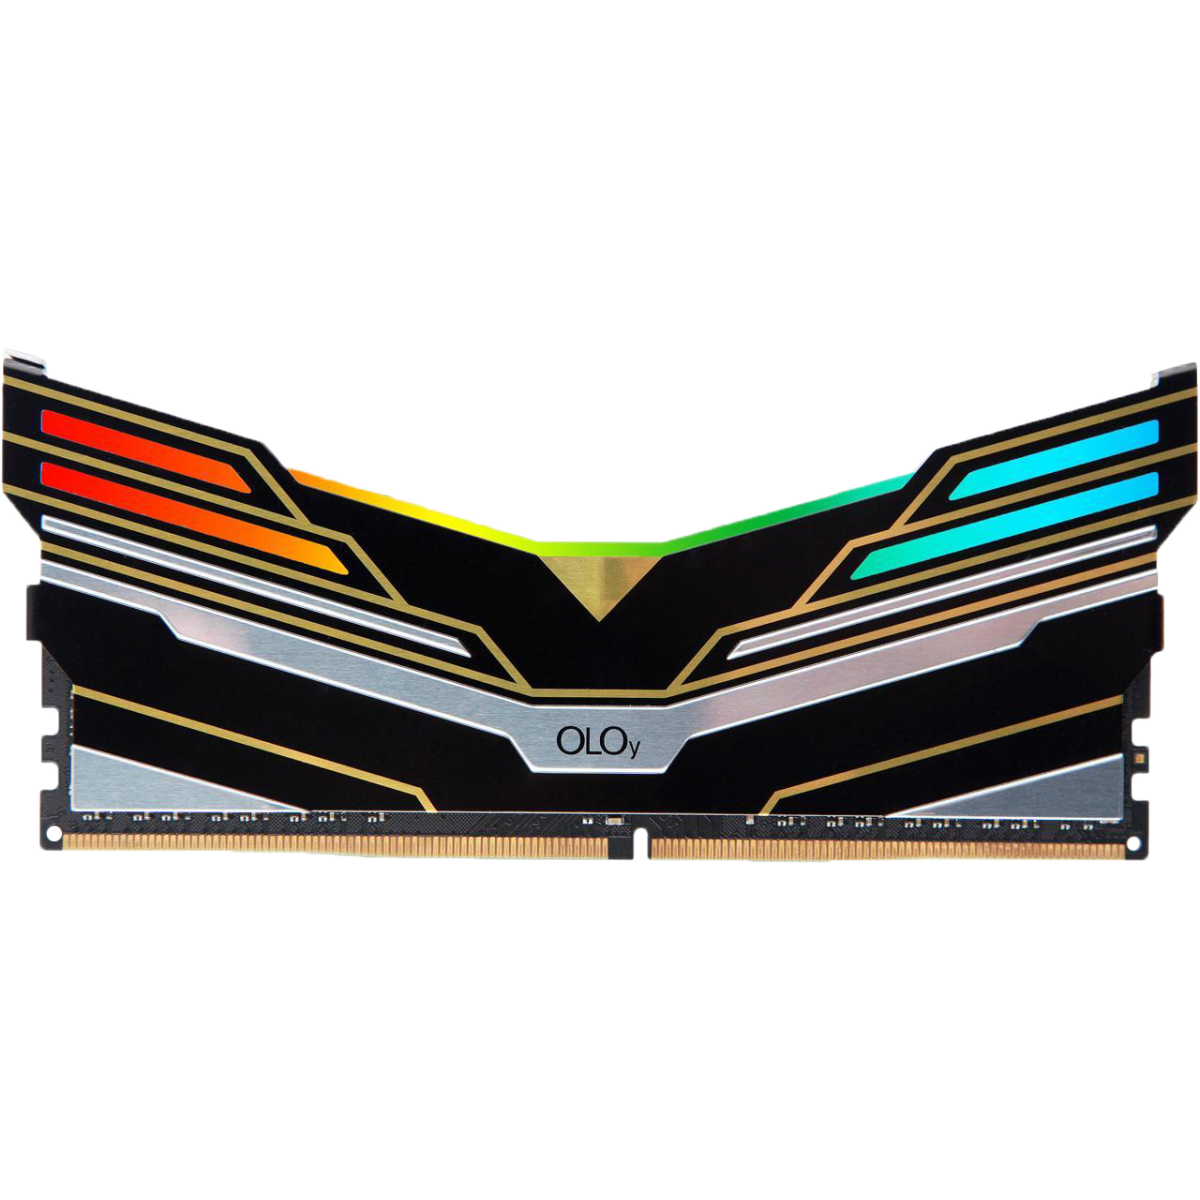 Memória DDR4 OLOy WarHawk Black, 16GB (2x8GB), 3600MHZ, RGB, MD4U083618BEDA